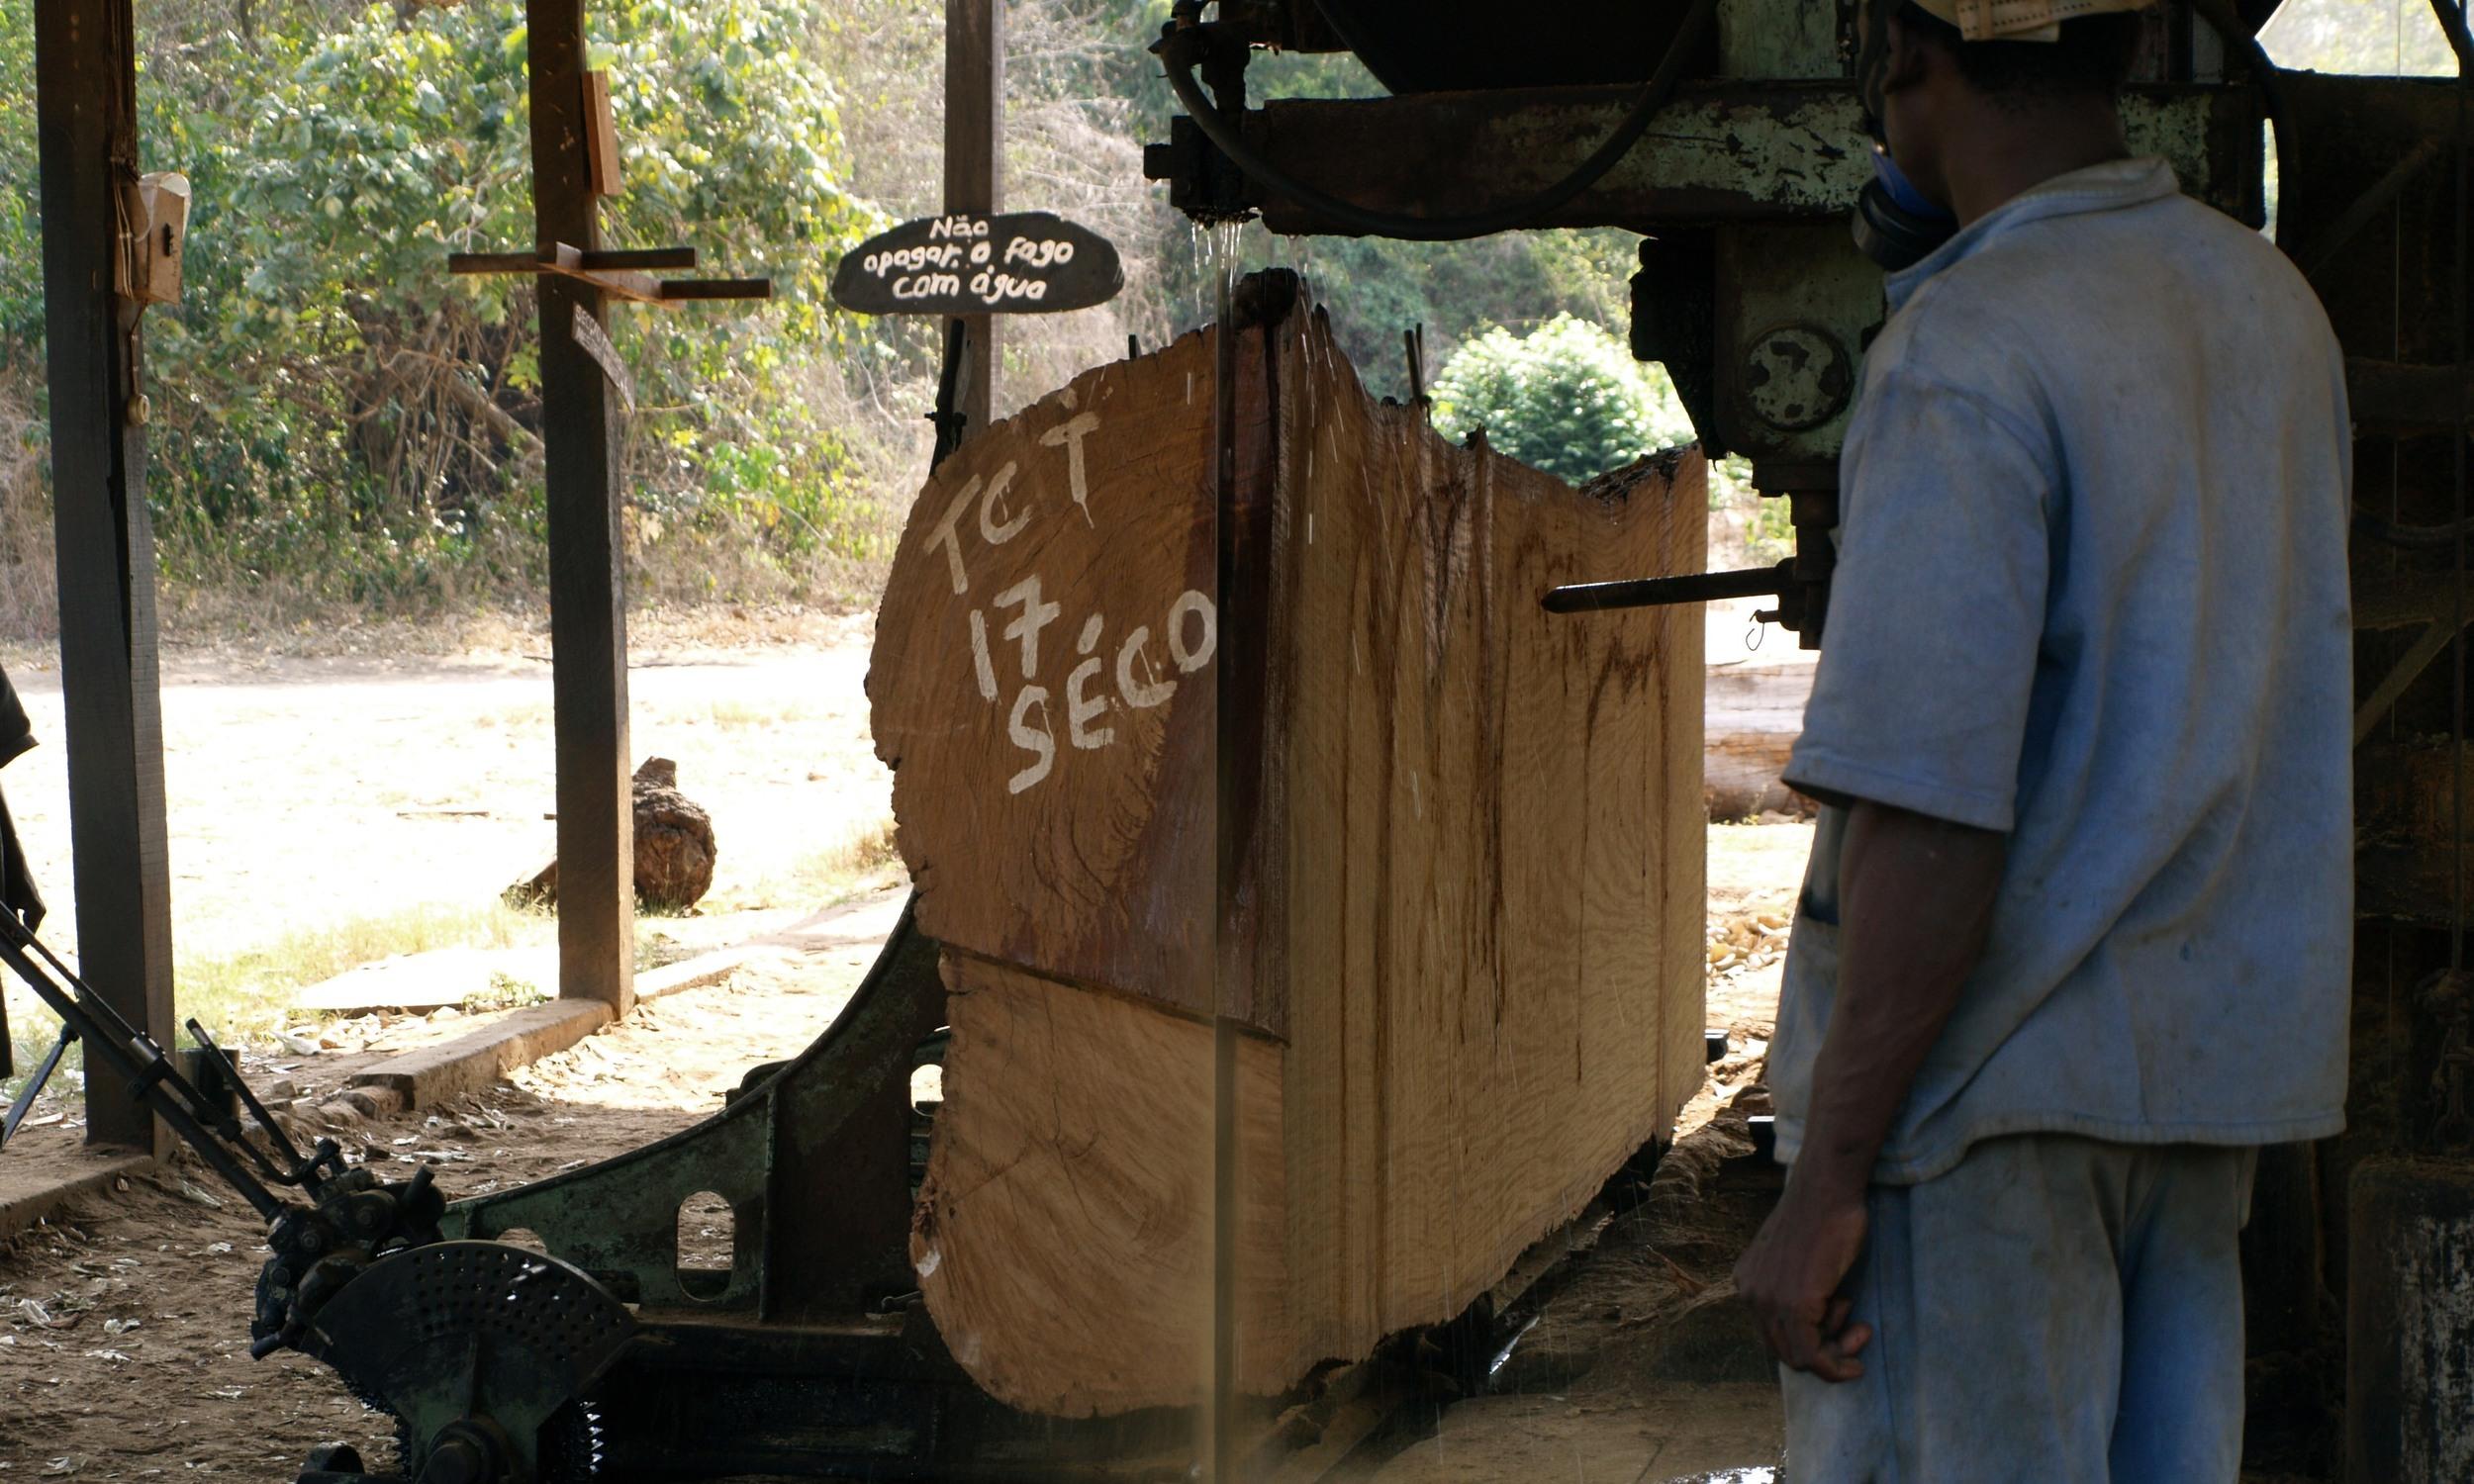 Corte de troncos antigos e abandonados  - Cutting of old abandoned logs